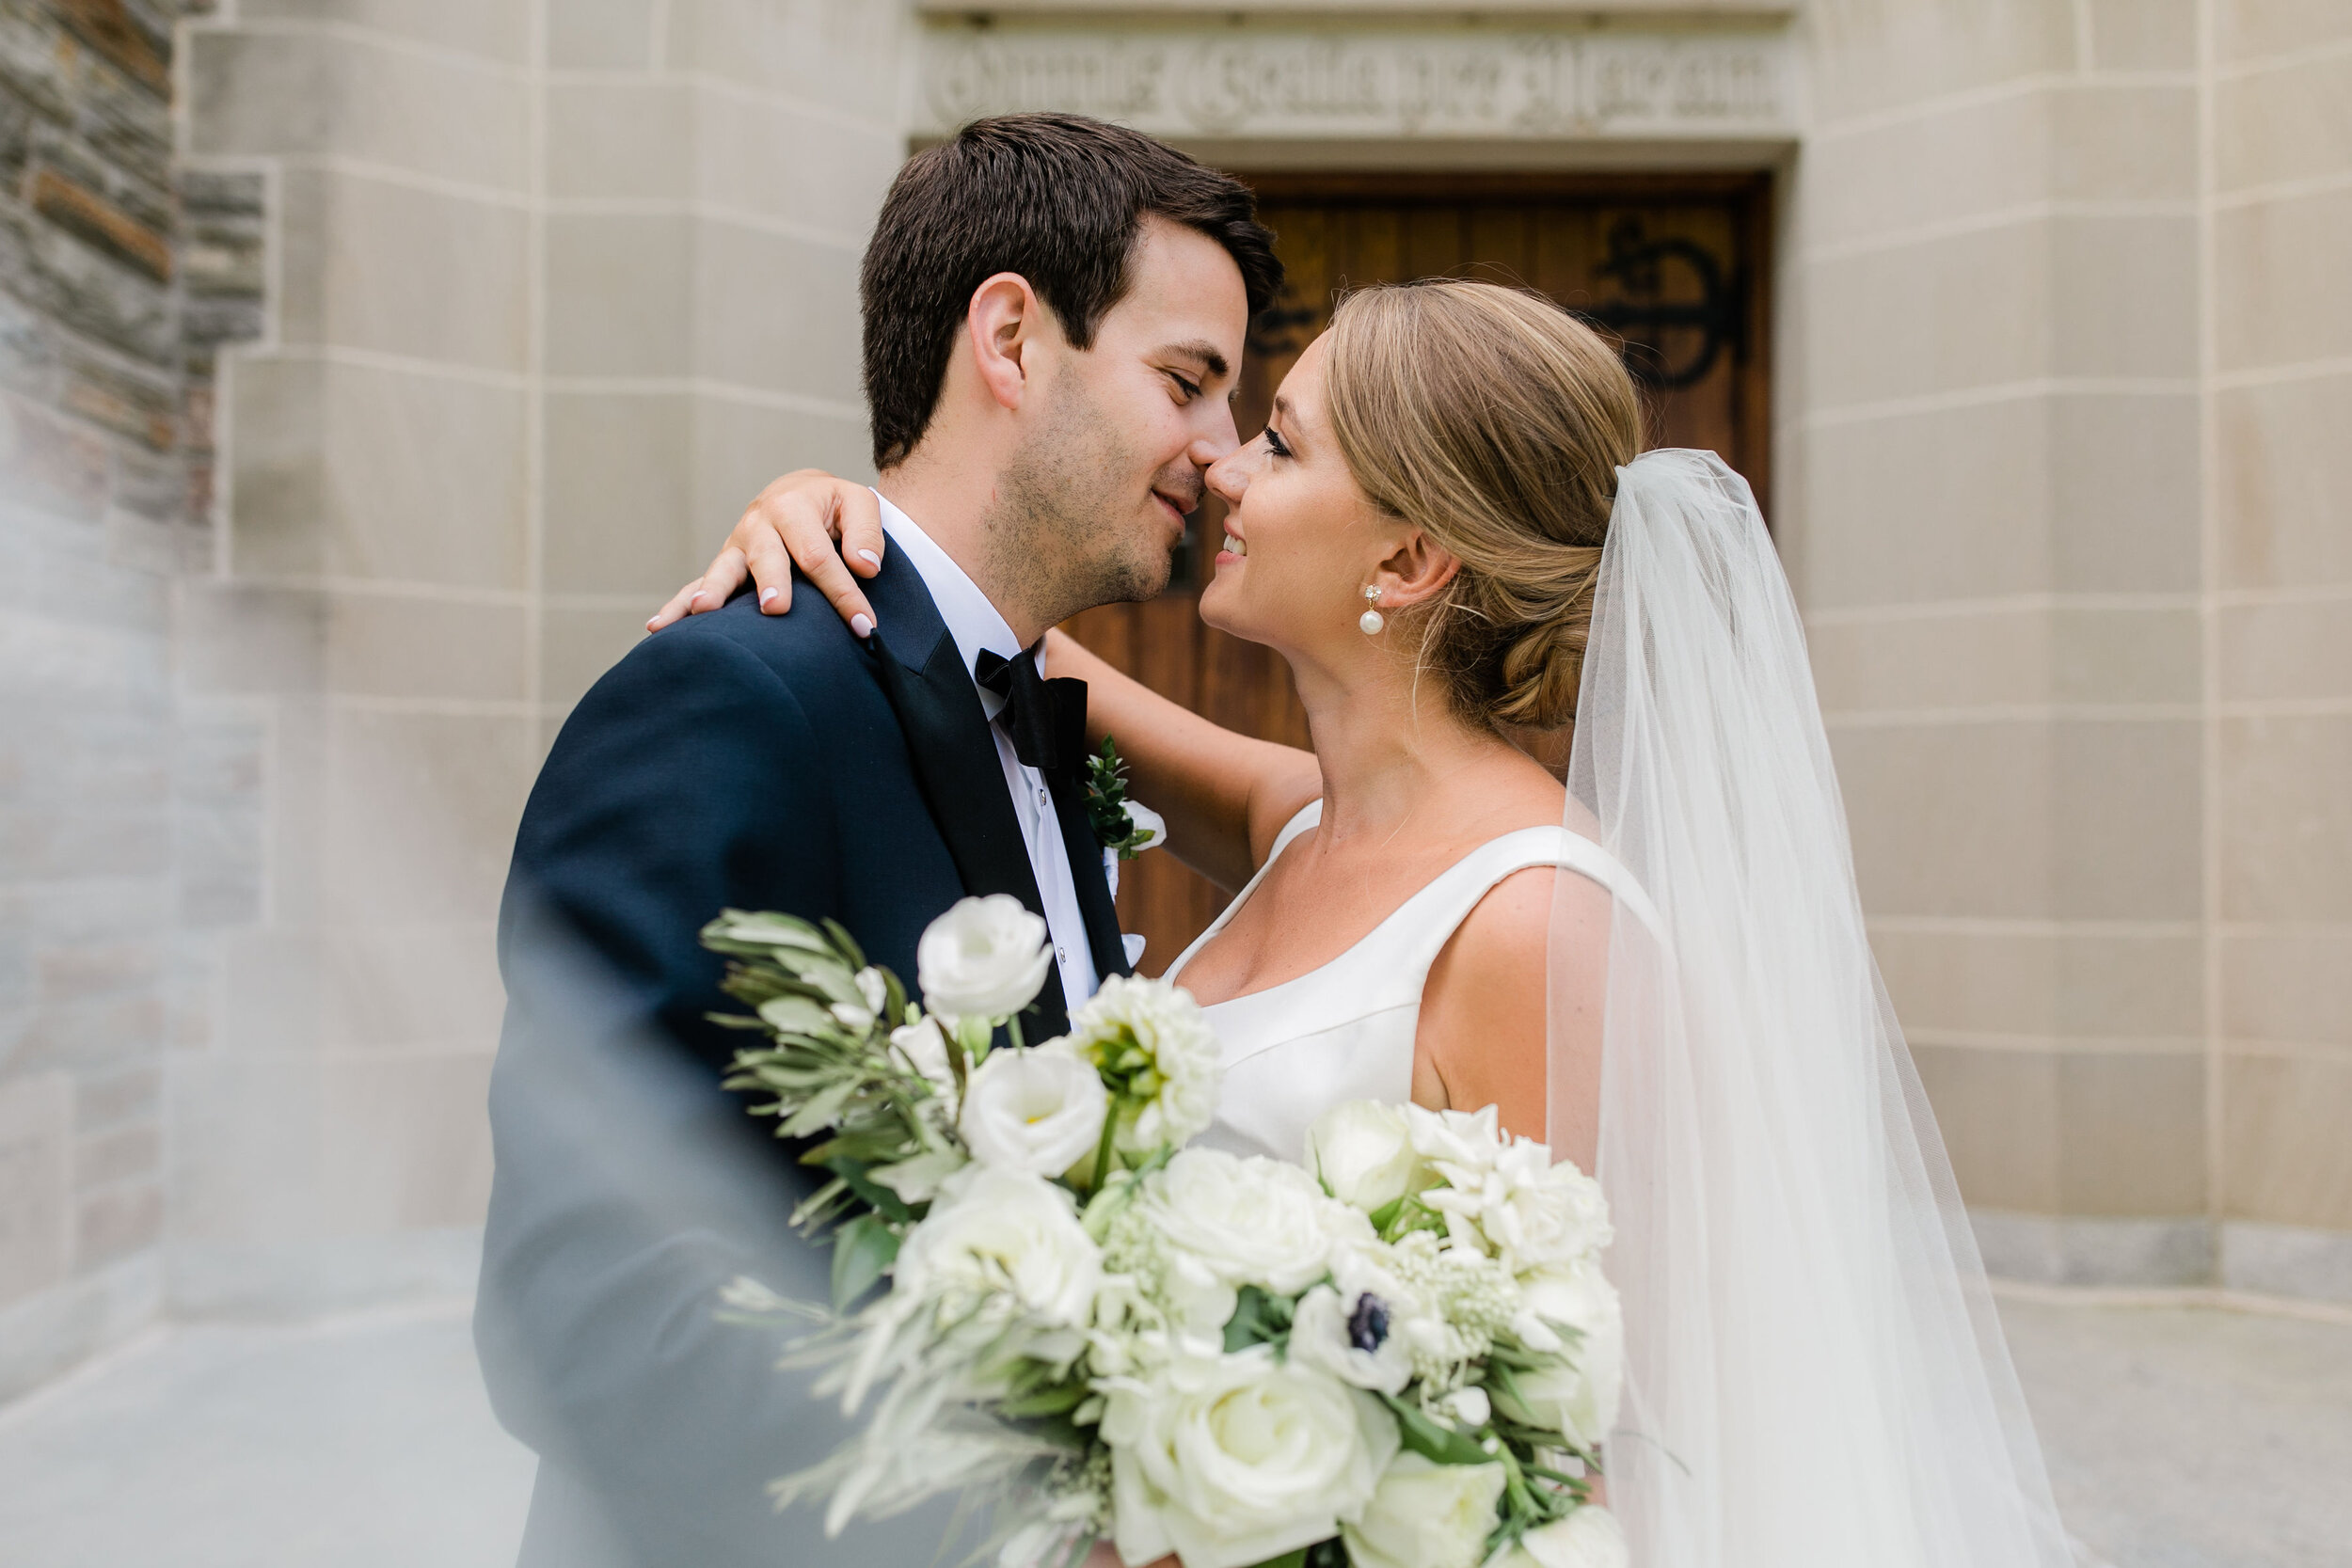 03.03_Caroline&Brendan__JenHarveyPhotography-571.jpg